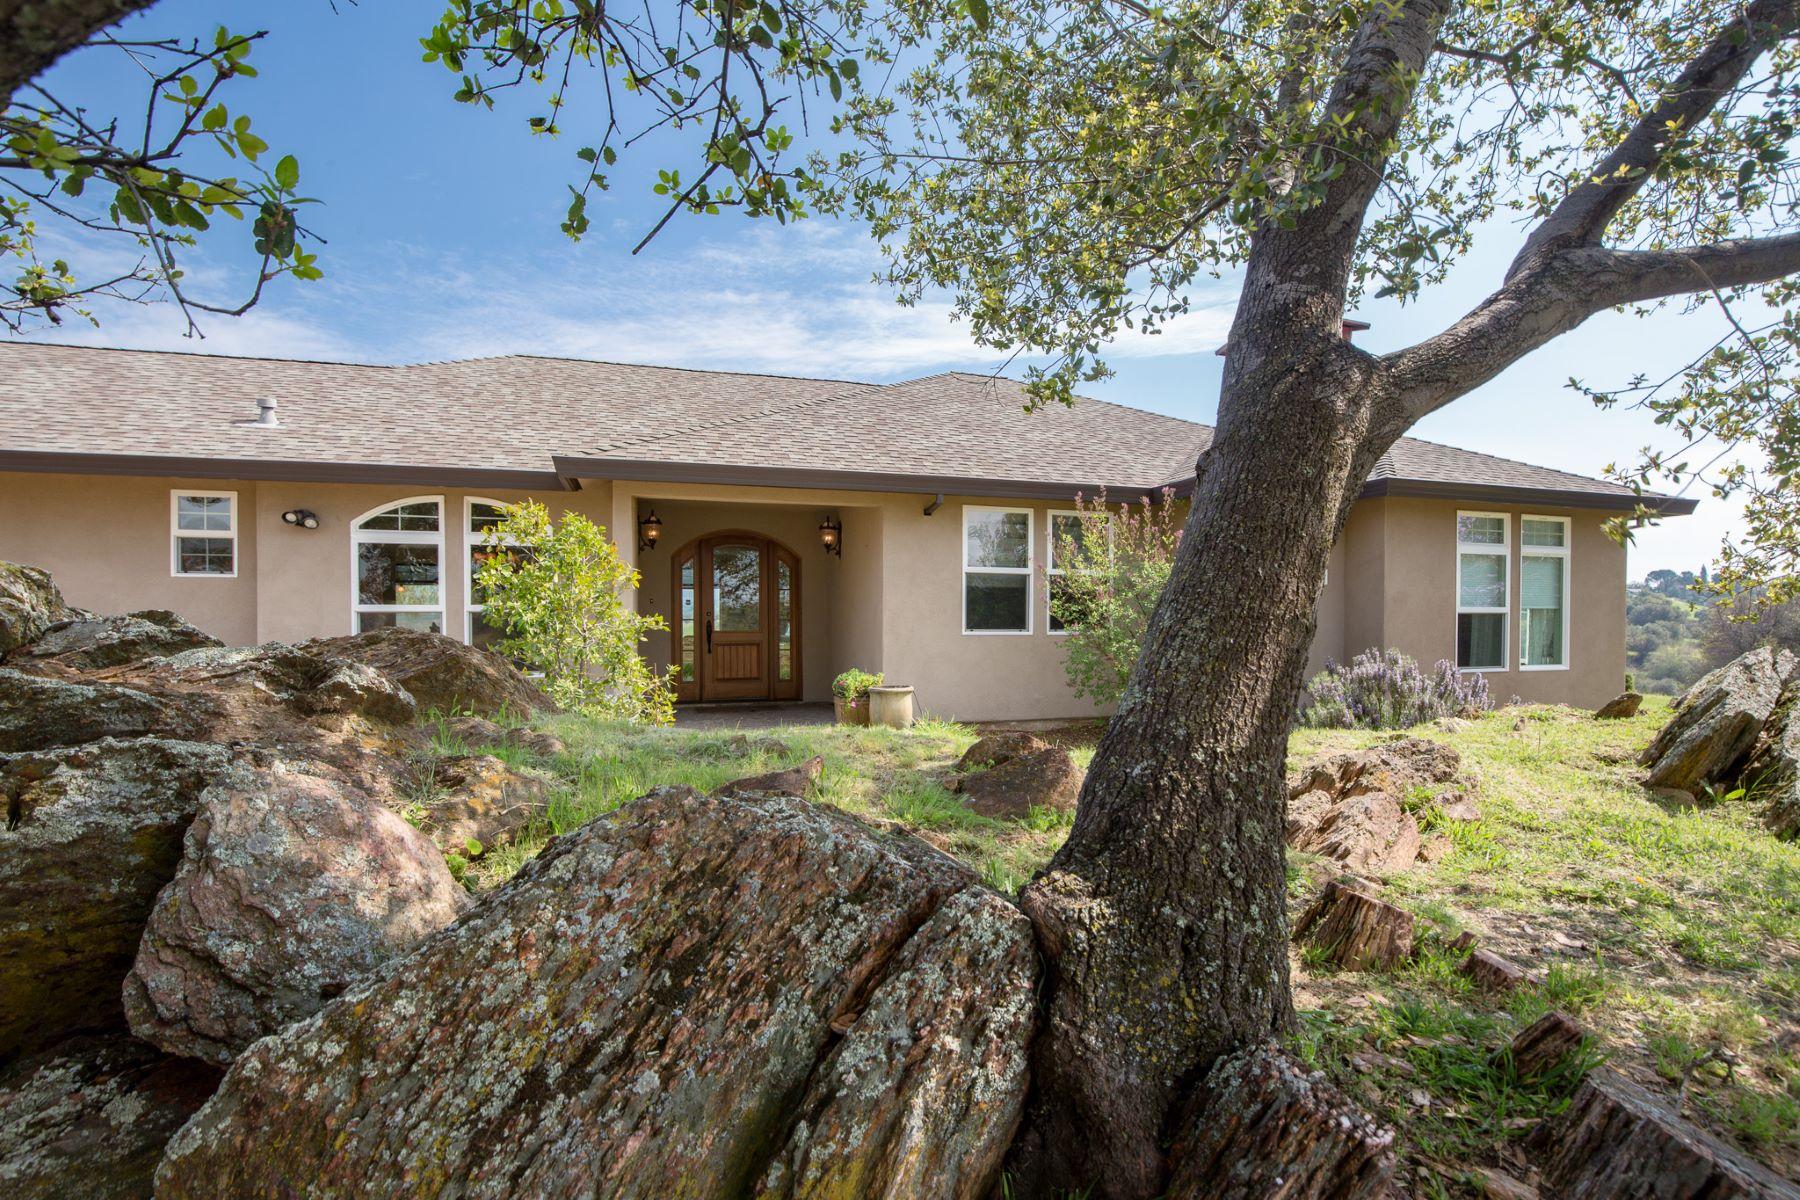 Maison unifamiliale pour l Vente à 5545 Running Ridge Plymouth, Californie 95669 États-Unis